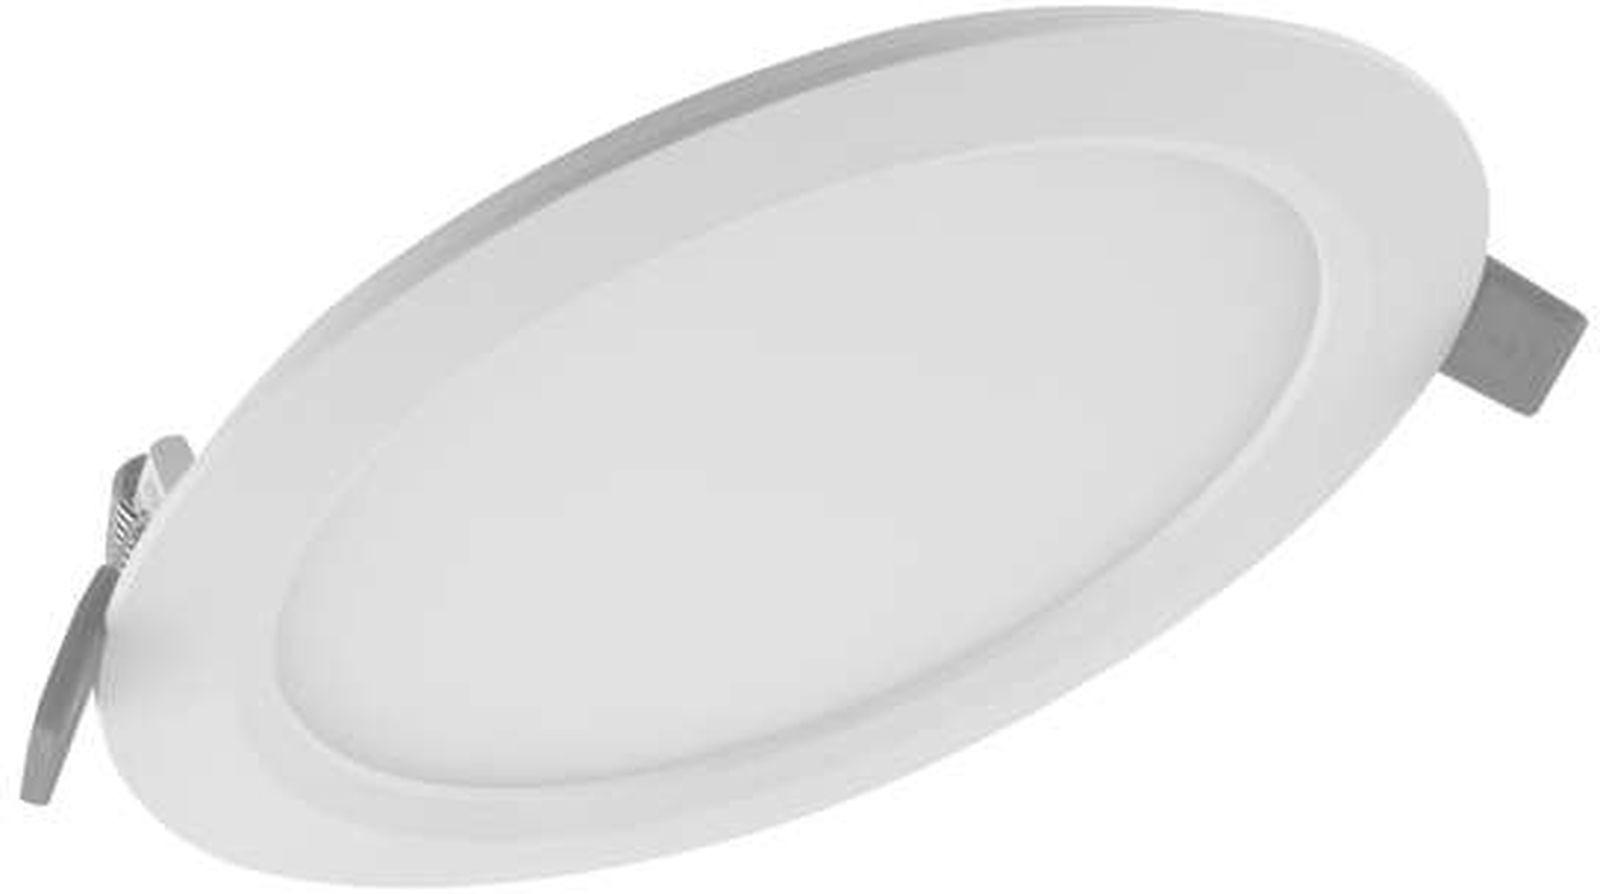 Встраиваемый светильник Ledvance Osram Downlight Slim DLR, 9 Вт, 600 Лм, 4000 К, Без цоколя недорго, оригинальная цена